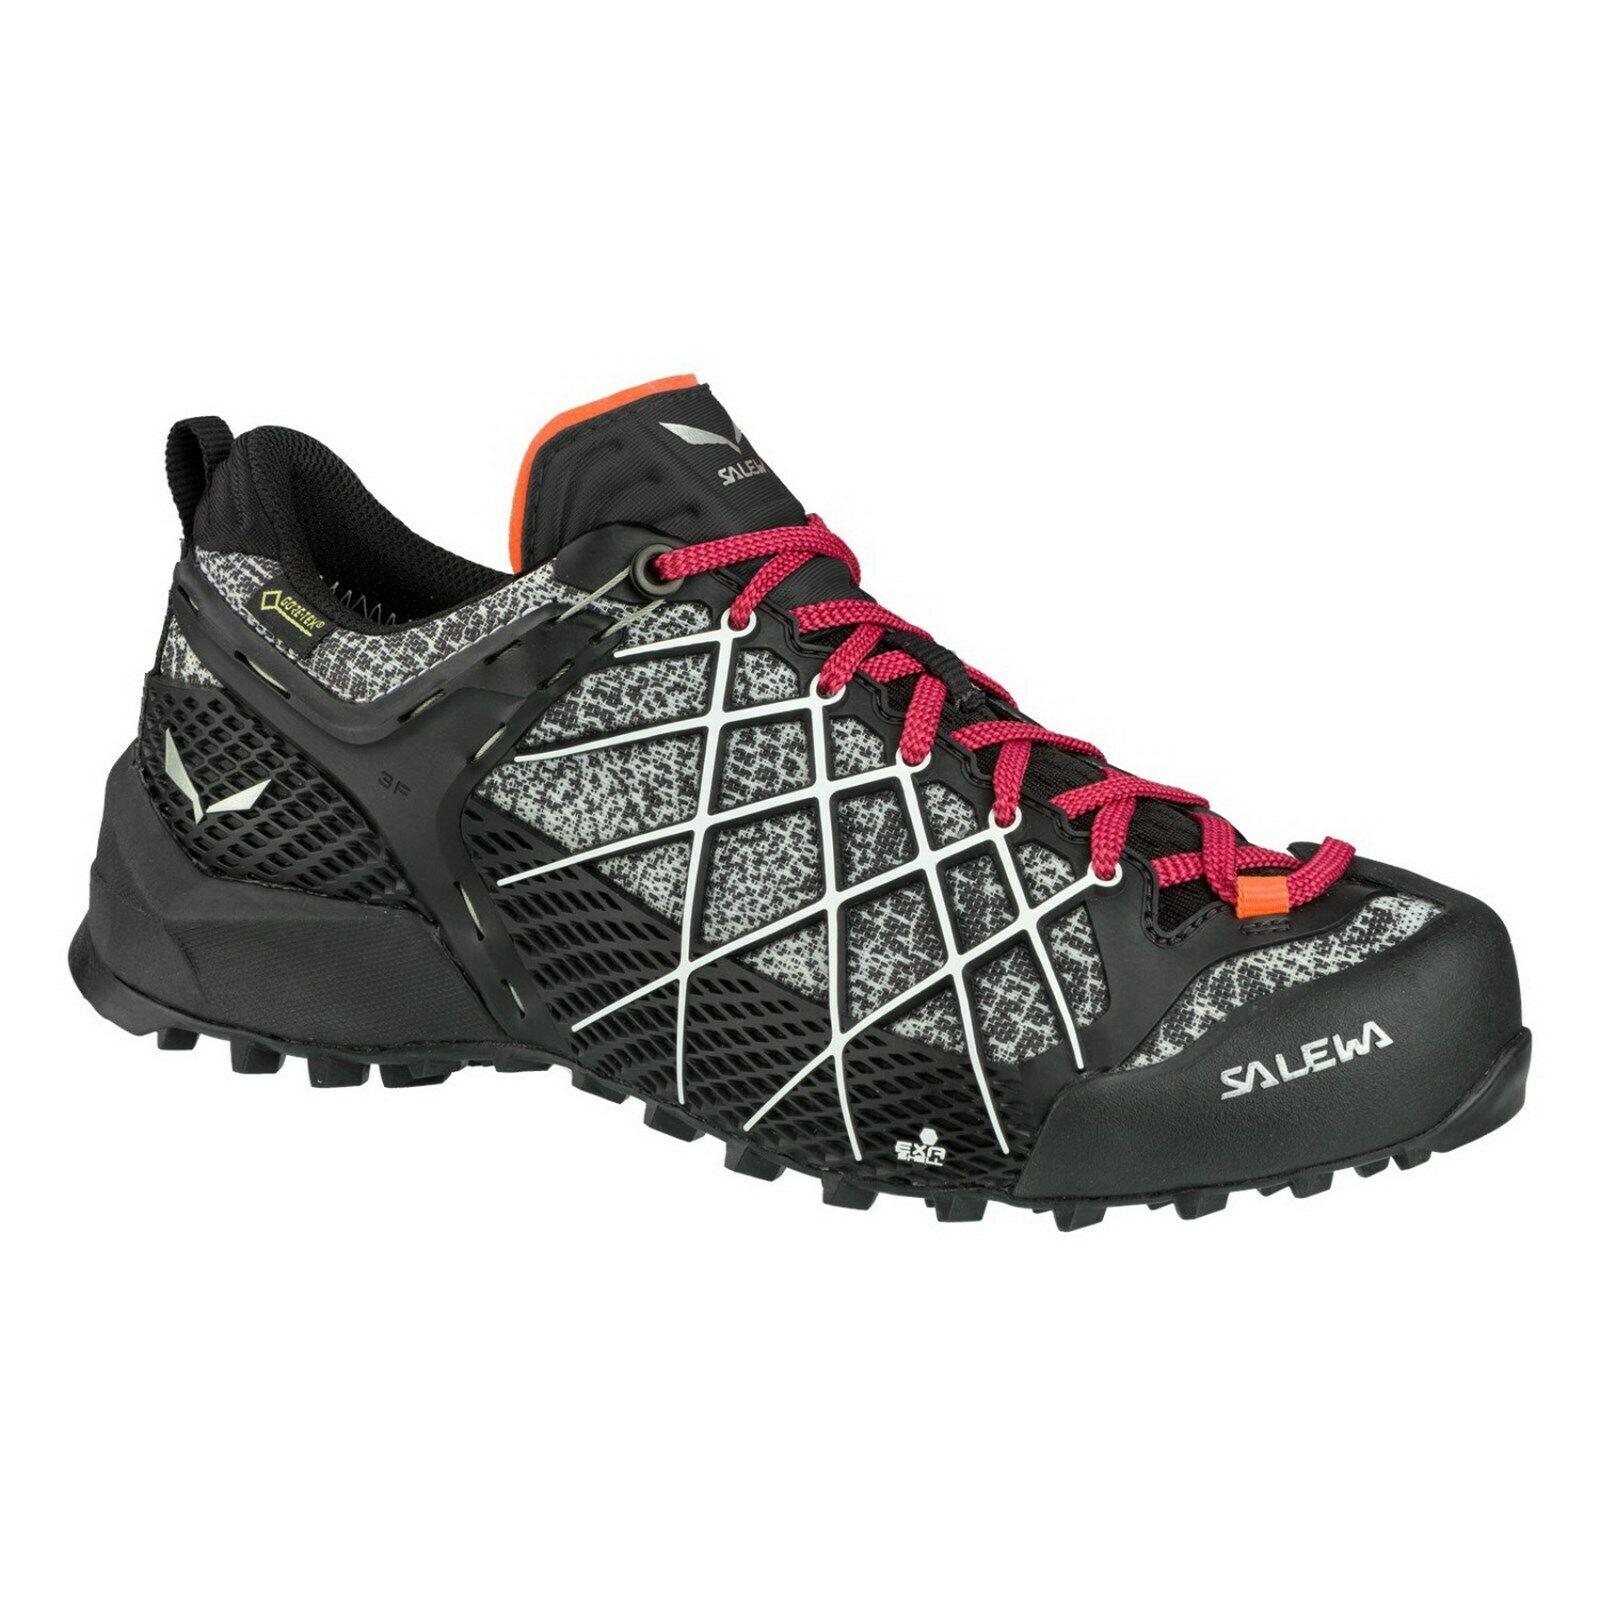 Salewa señora estancos trekking zapatos Wildfire GTX W 's Salewa  nuevo